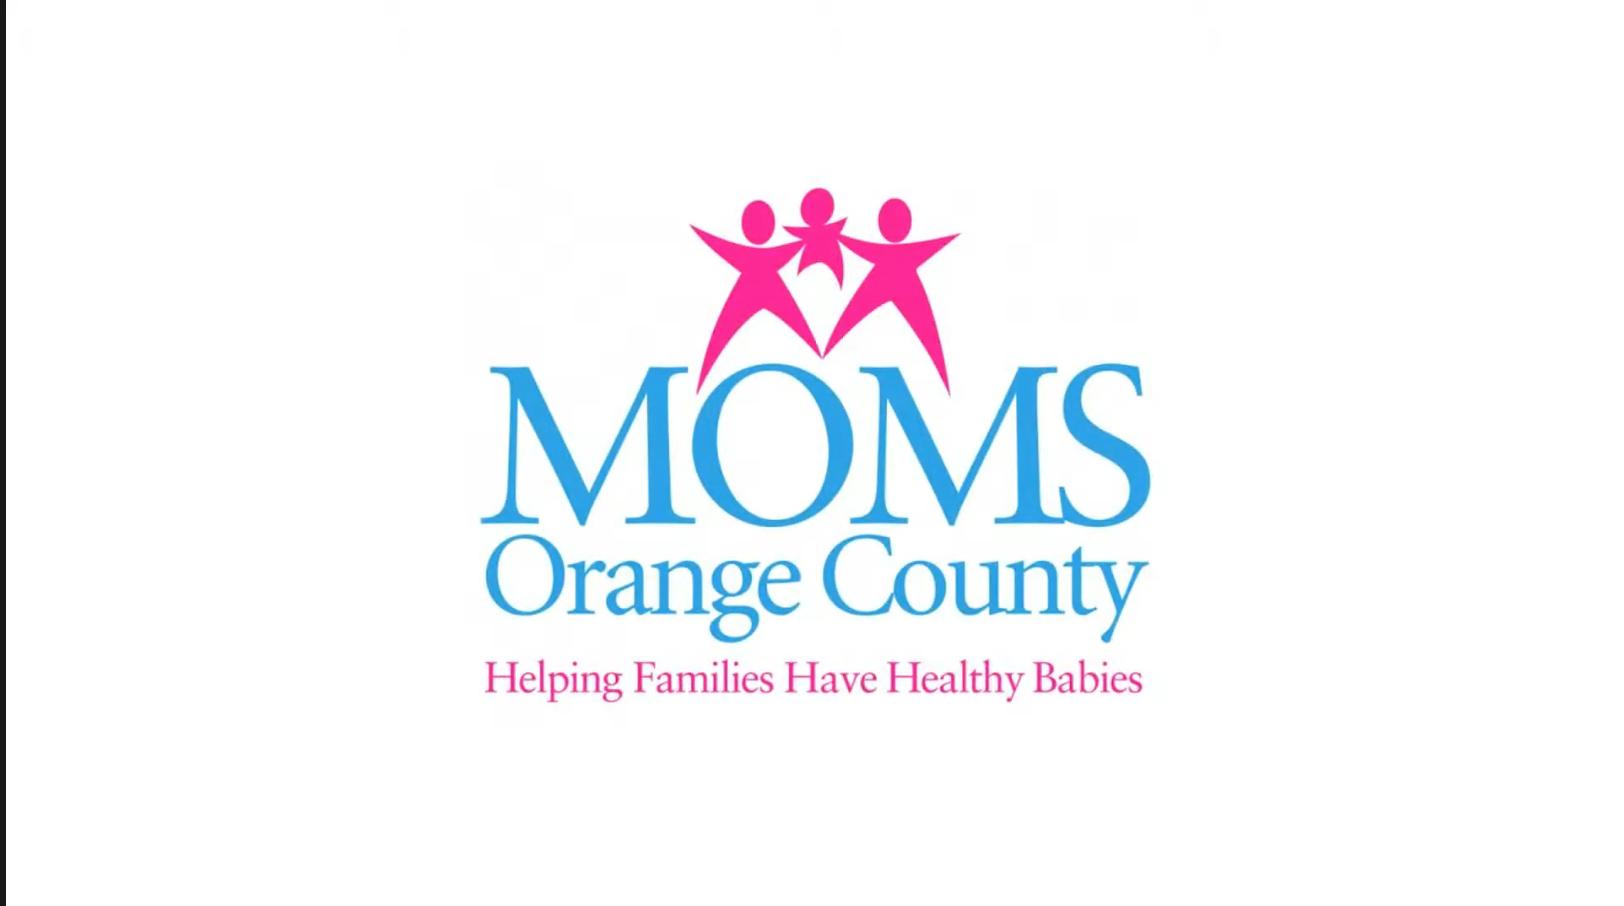 MomsorangeCountycungcấp dịchvụ sứckhỏe miễnphí cho cácbàmẹ vàtrẻ sơ sinh cho cộngđồng người ViệttạiquậnCam